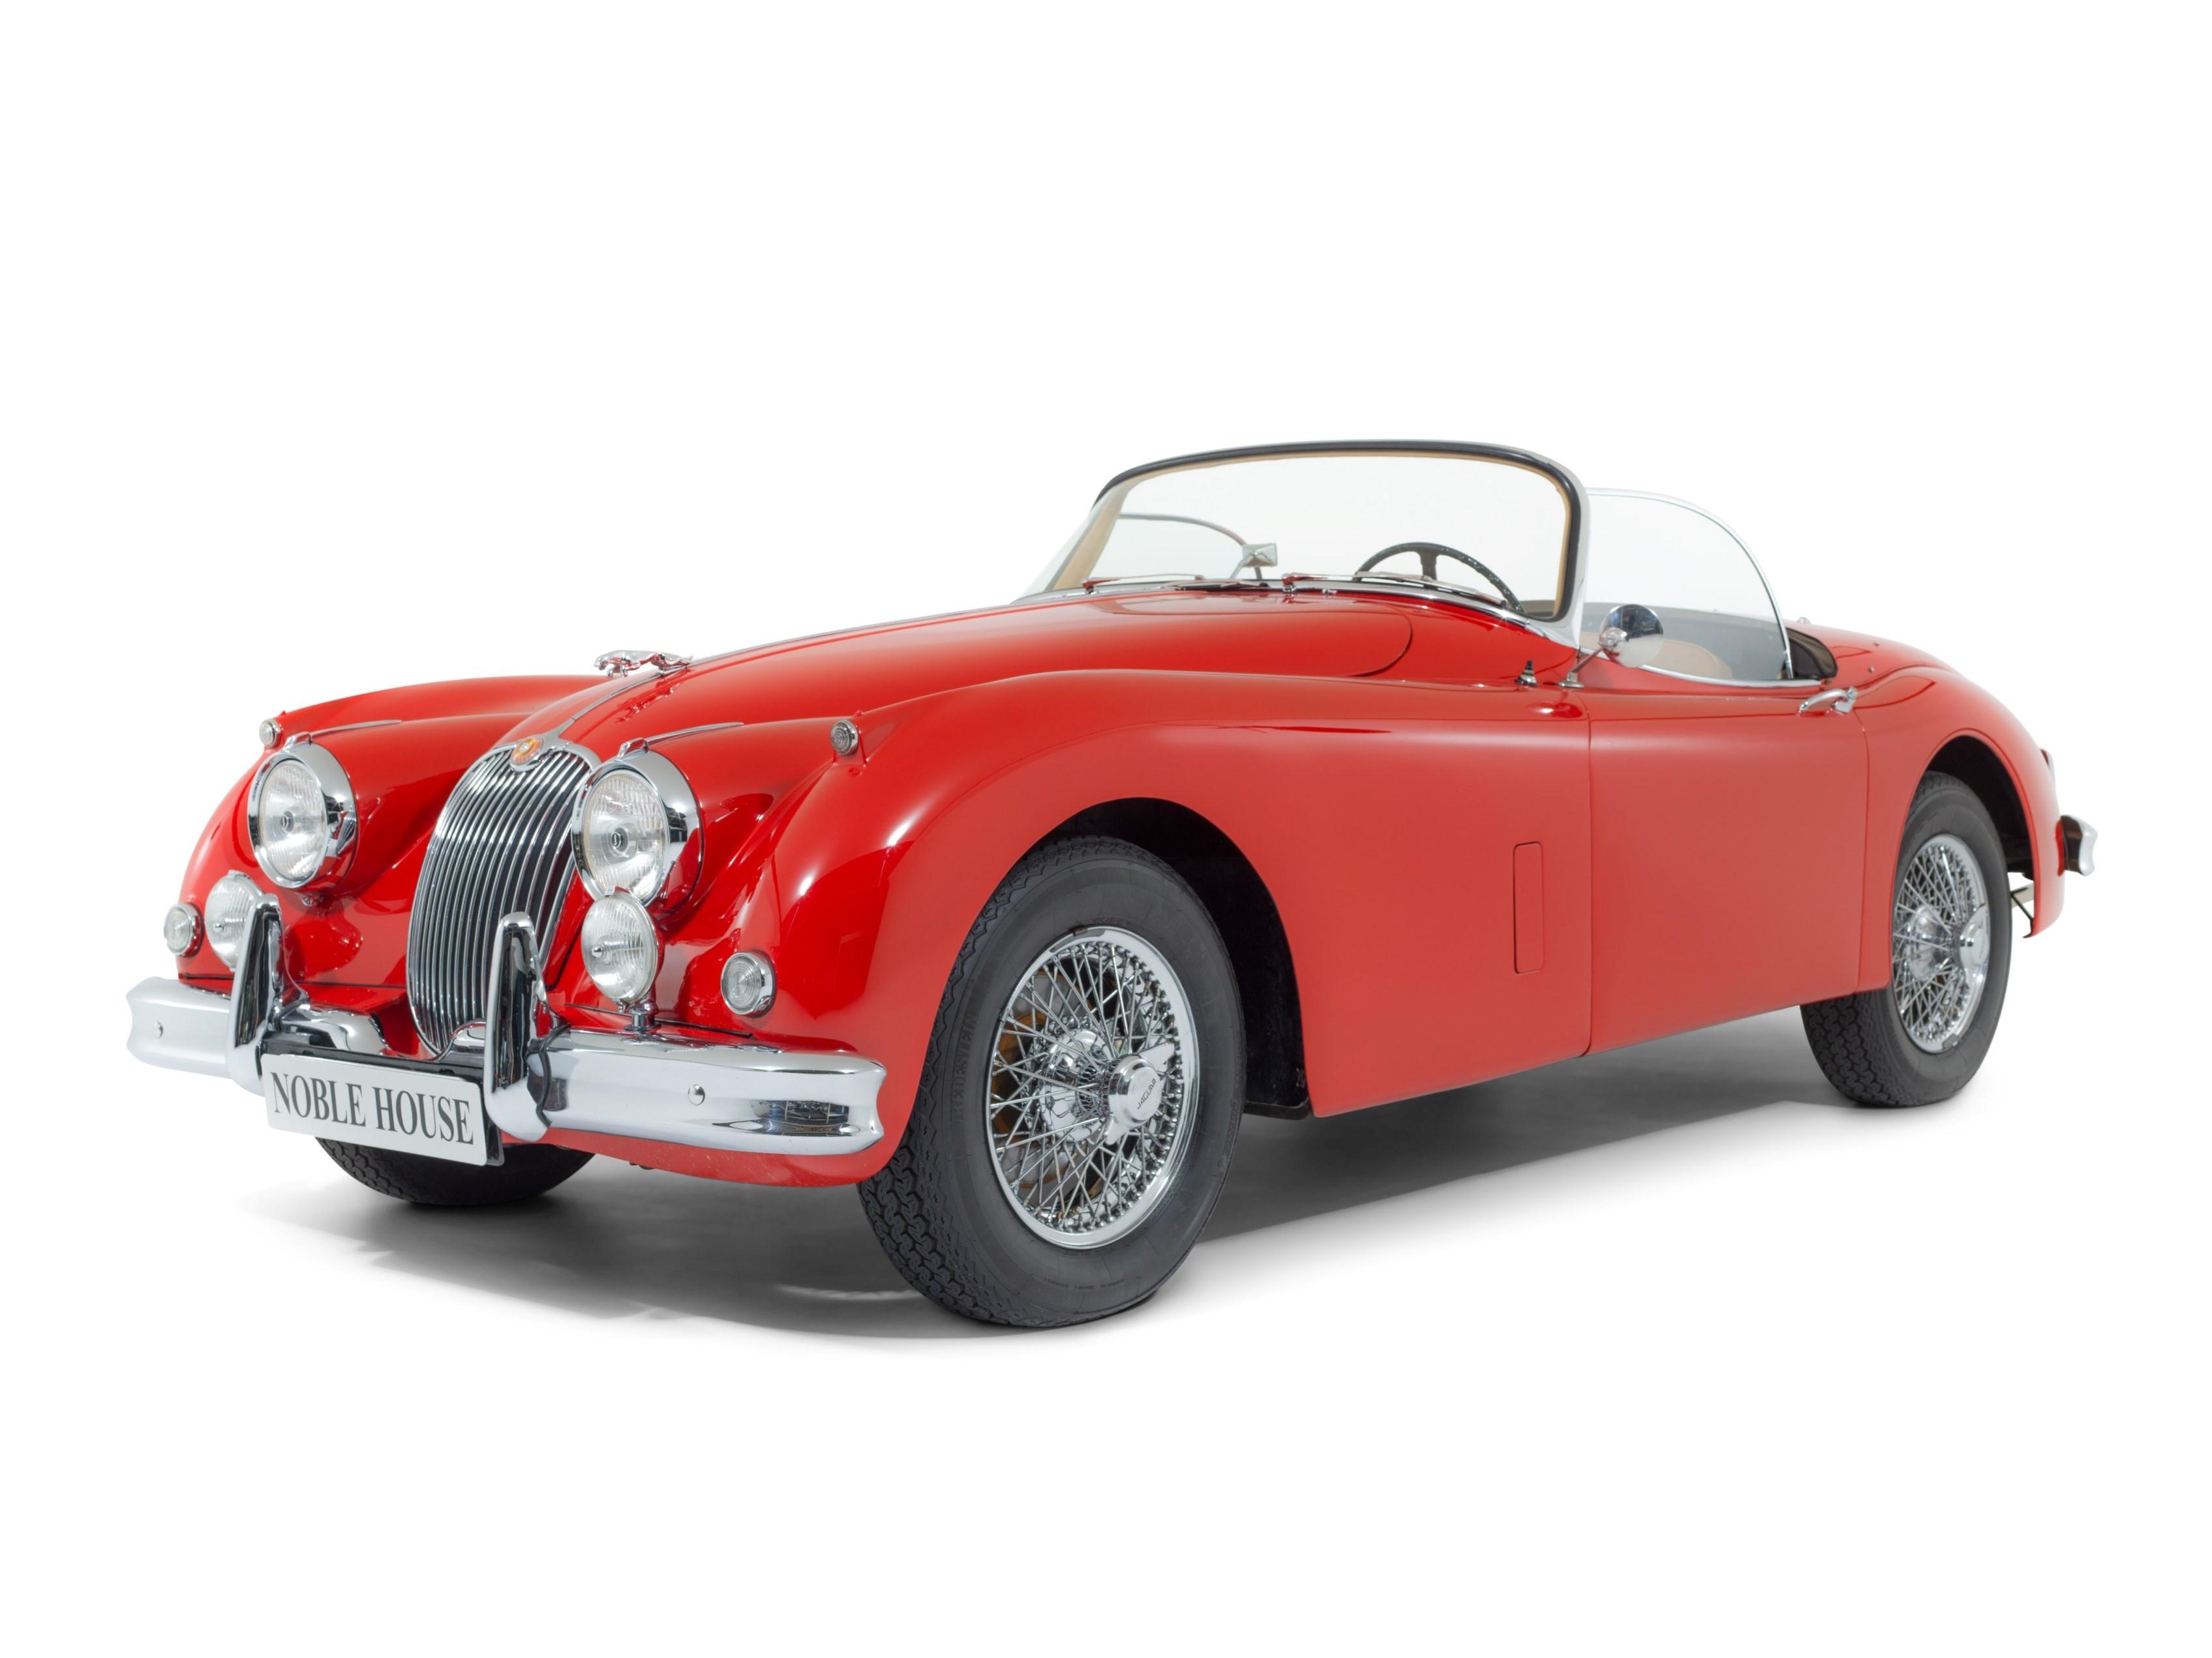 classifieds jaguar sale news for cars of motor xk s hemmings